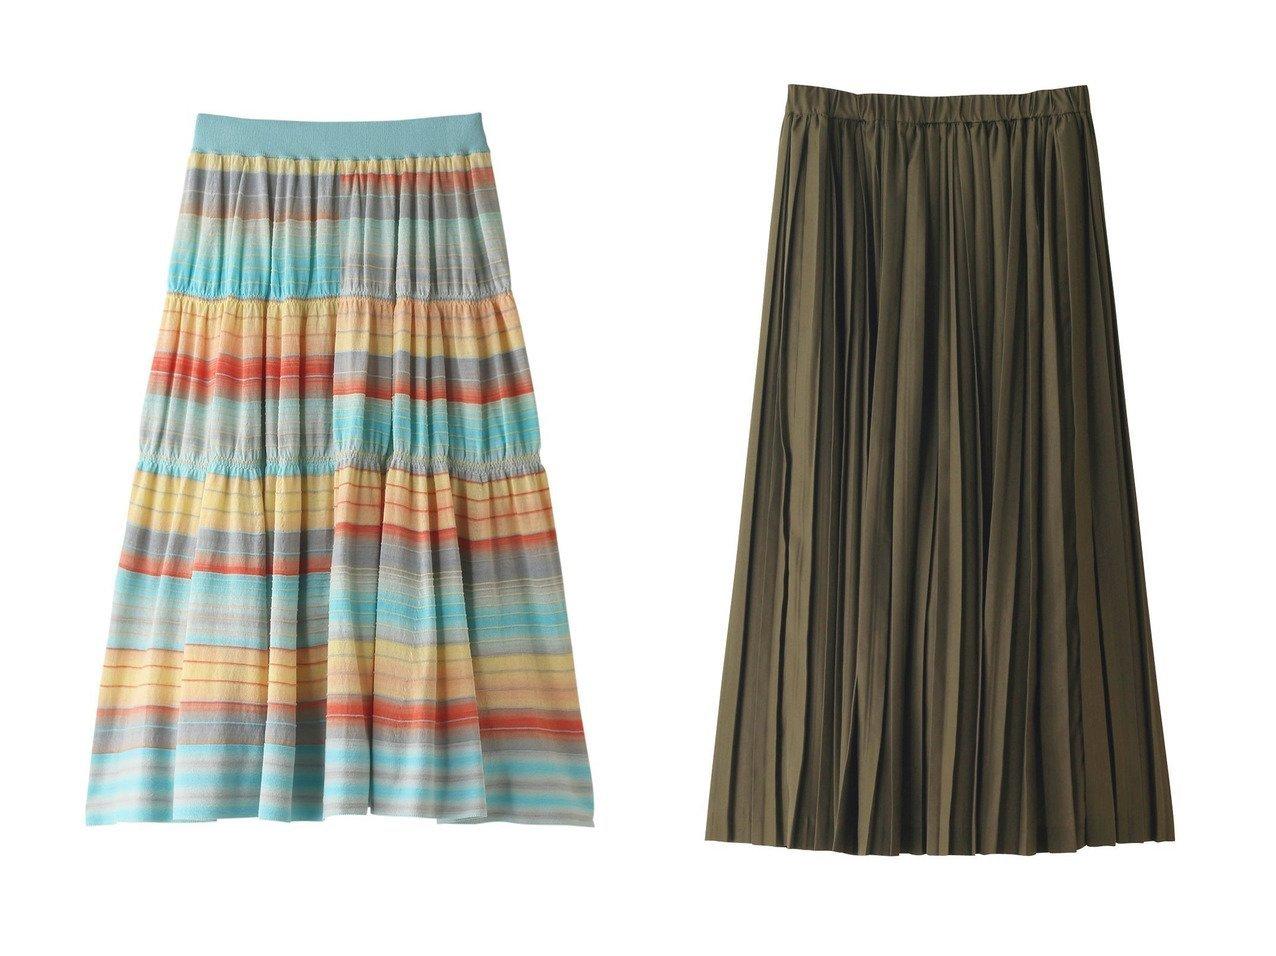 【ANAYI/アナイ】のグラデーションボーダーティアードニットスカート&【mizuiro ind/ミズイロ インド】のダブルプリーツロングスカート 【スカート】おすすめ!人気、トレンド・レディースファッションの通販 おすすめで人気の流行・トレンド、ファッションの通販商品 インテリア・家具・メンズファッション・キッズファッション・レディースファッション・服の通販 founy(ファニー) https://founy.com/ ファッション Fashion レディースファッション WOMEN スカート Skirt ロングスカート Long Skirt シンプル プリーツ ロング S/S・春夏 SS・Spring/Summer おすすめ Recommend グラデーション セットアップ ボーダー 夏 Summer 春 Spring |ID:crp329100000049390